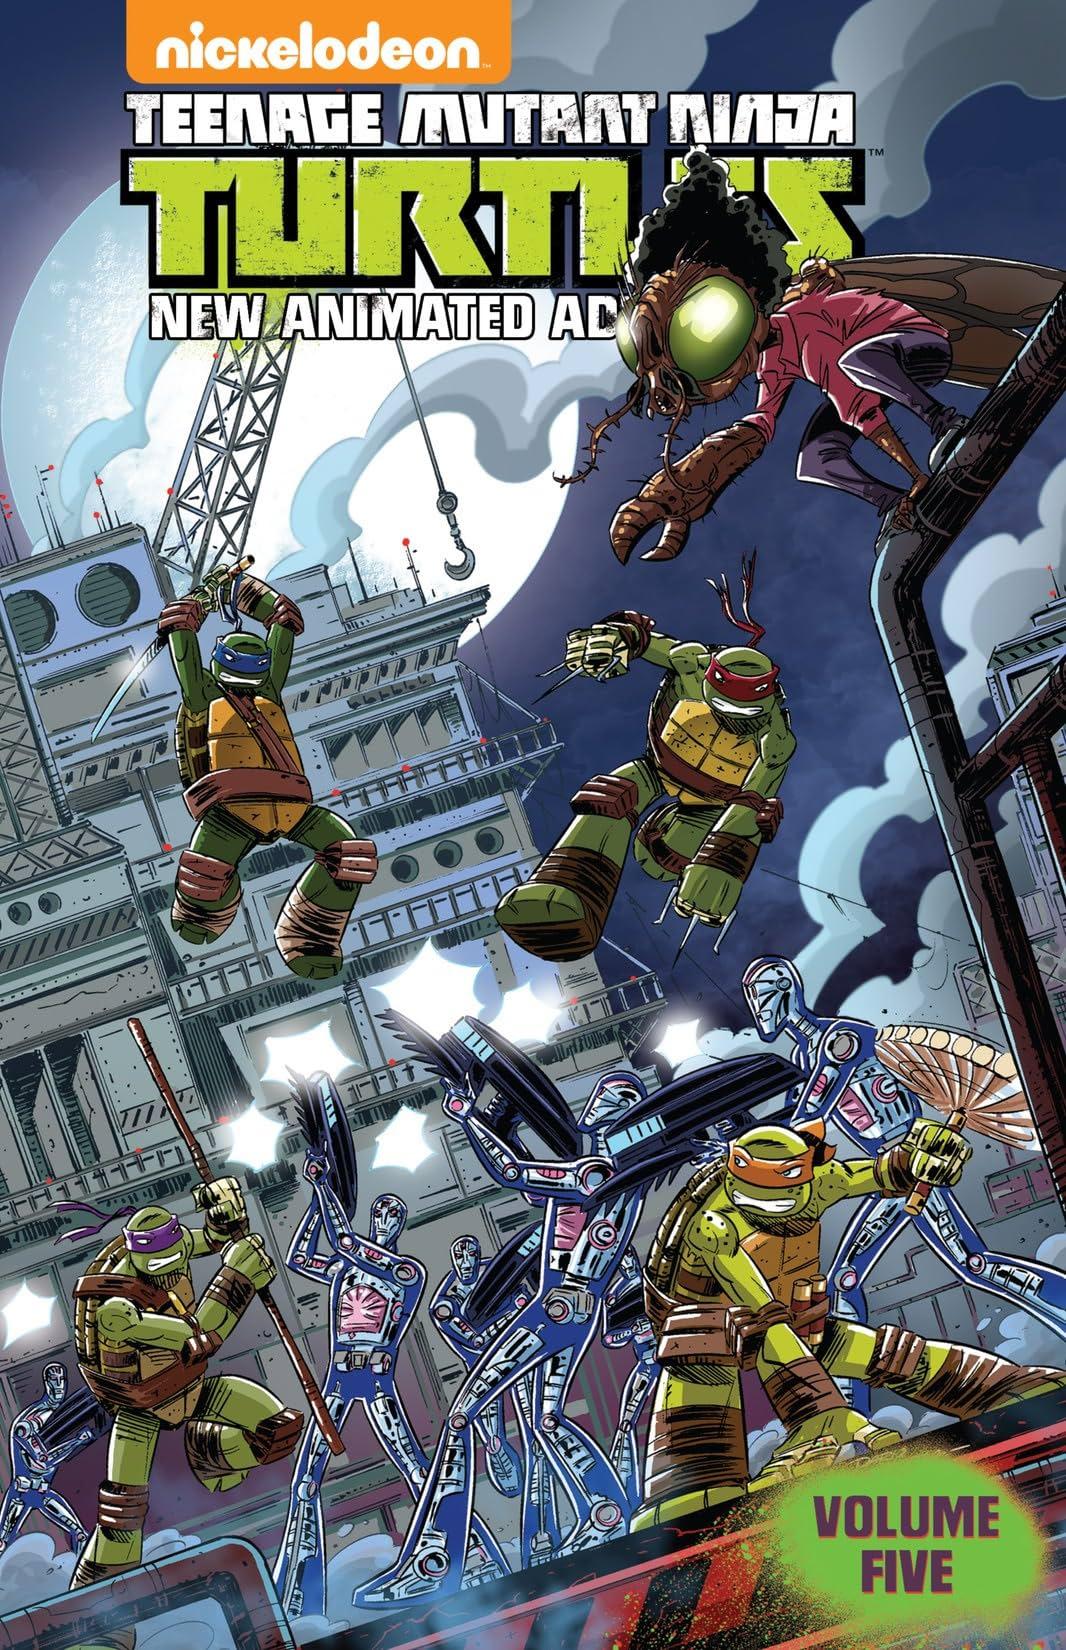 Teenage Mutant Ninja Turtles: New Animated Adventures Vol. 5